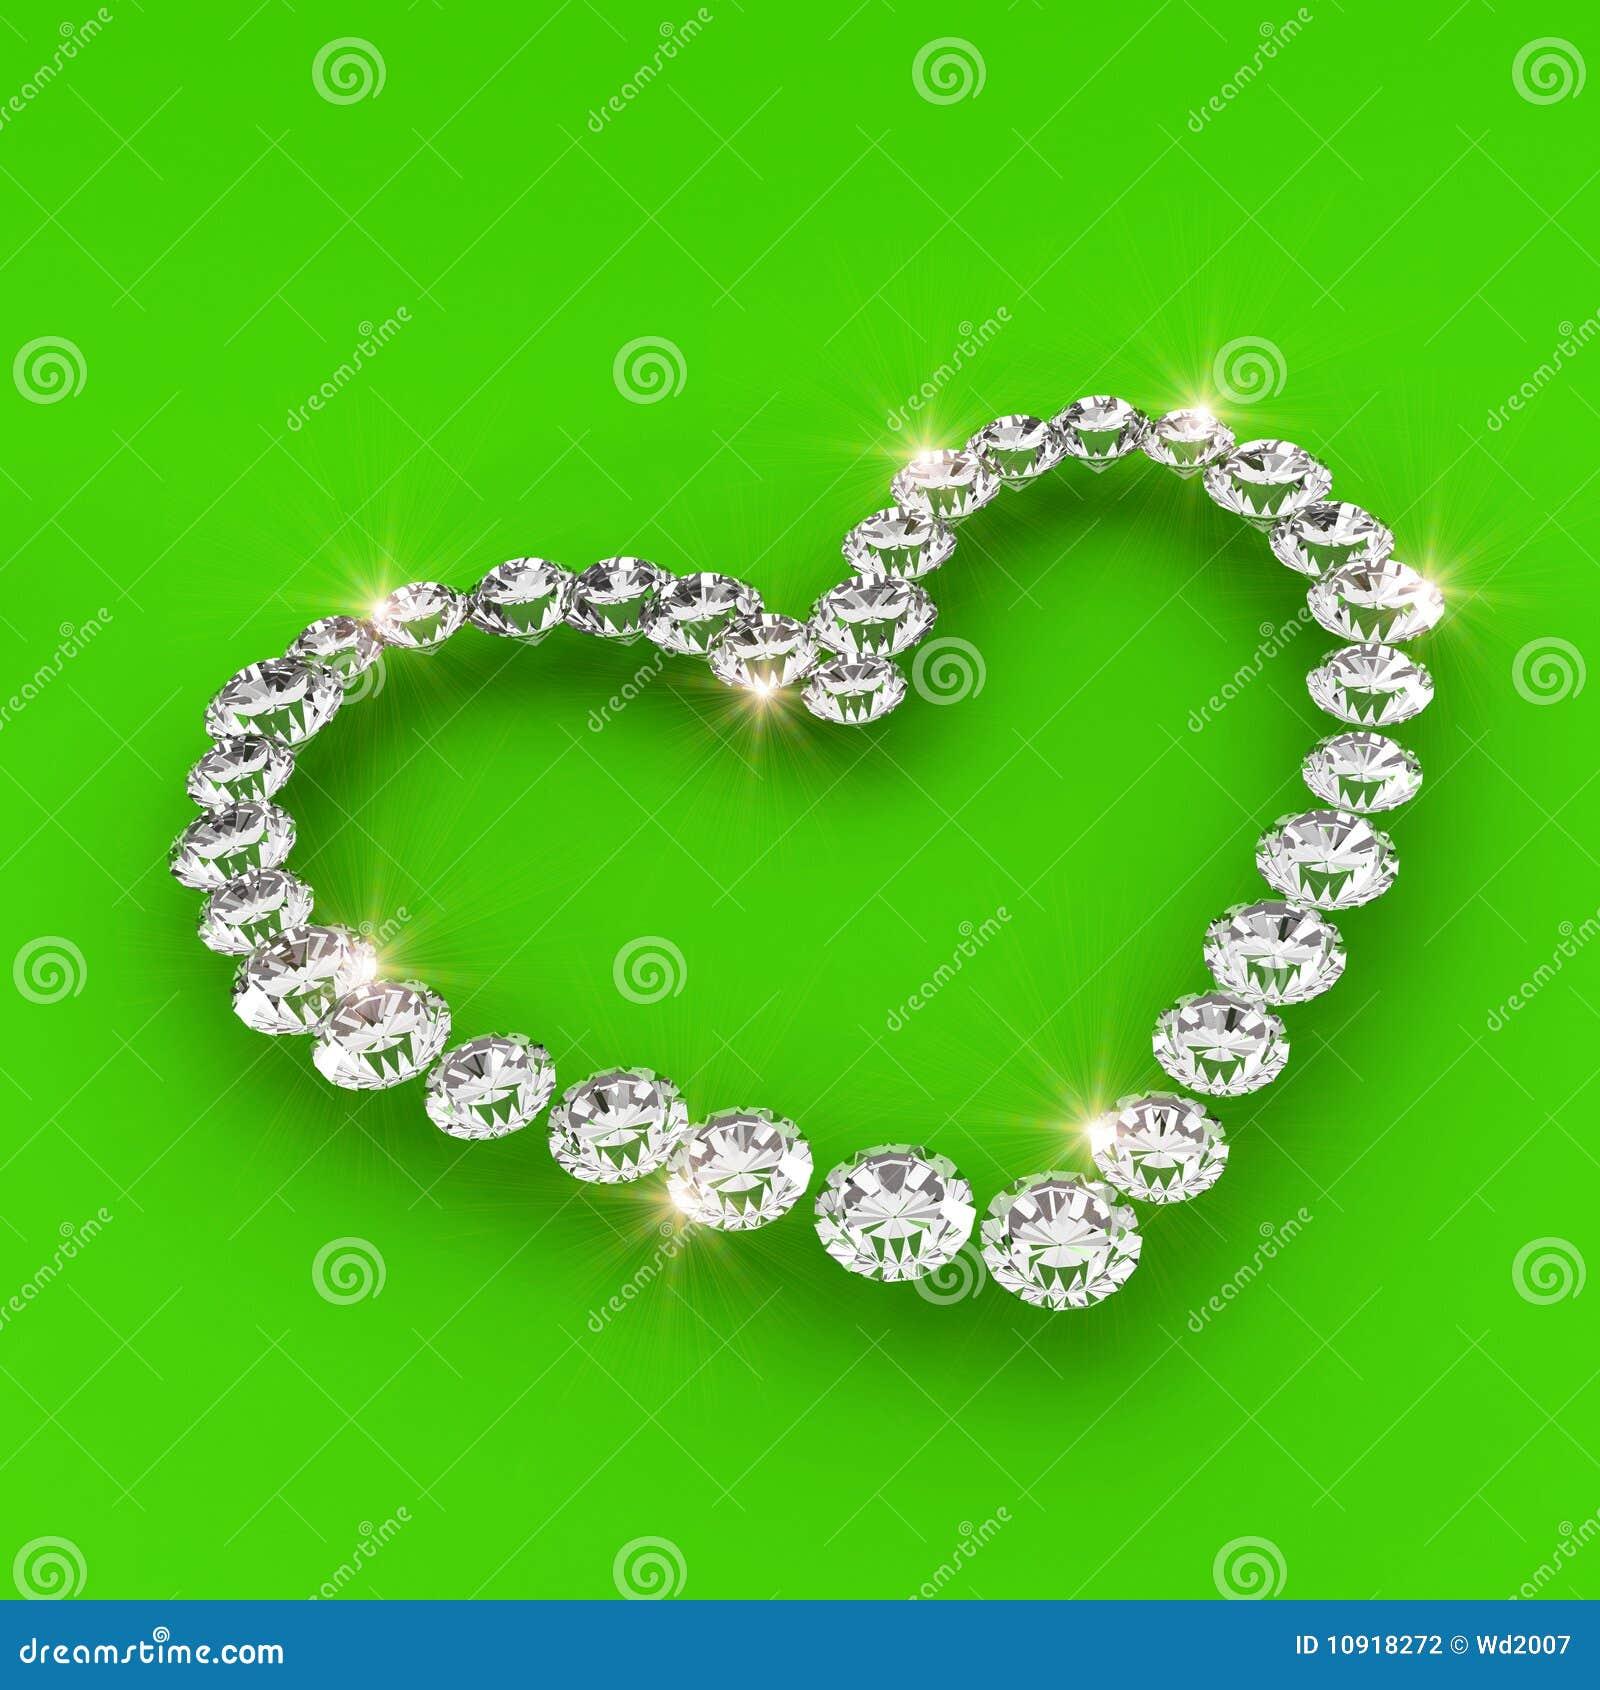 Excepcional Arte Del Uña Con Foto Diamantes Ilustración - Ideas Para ...